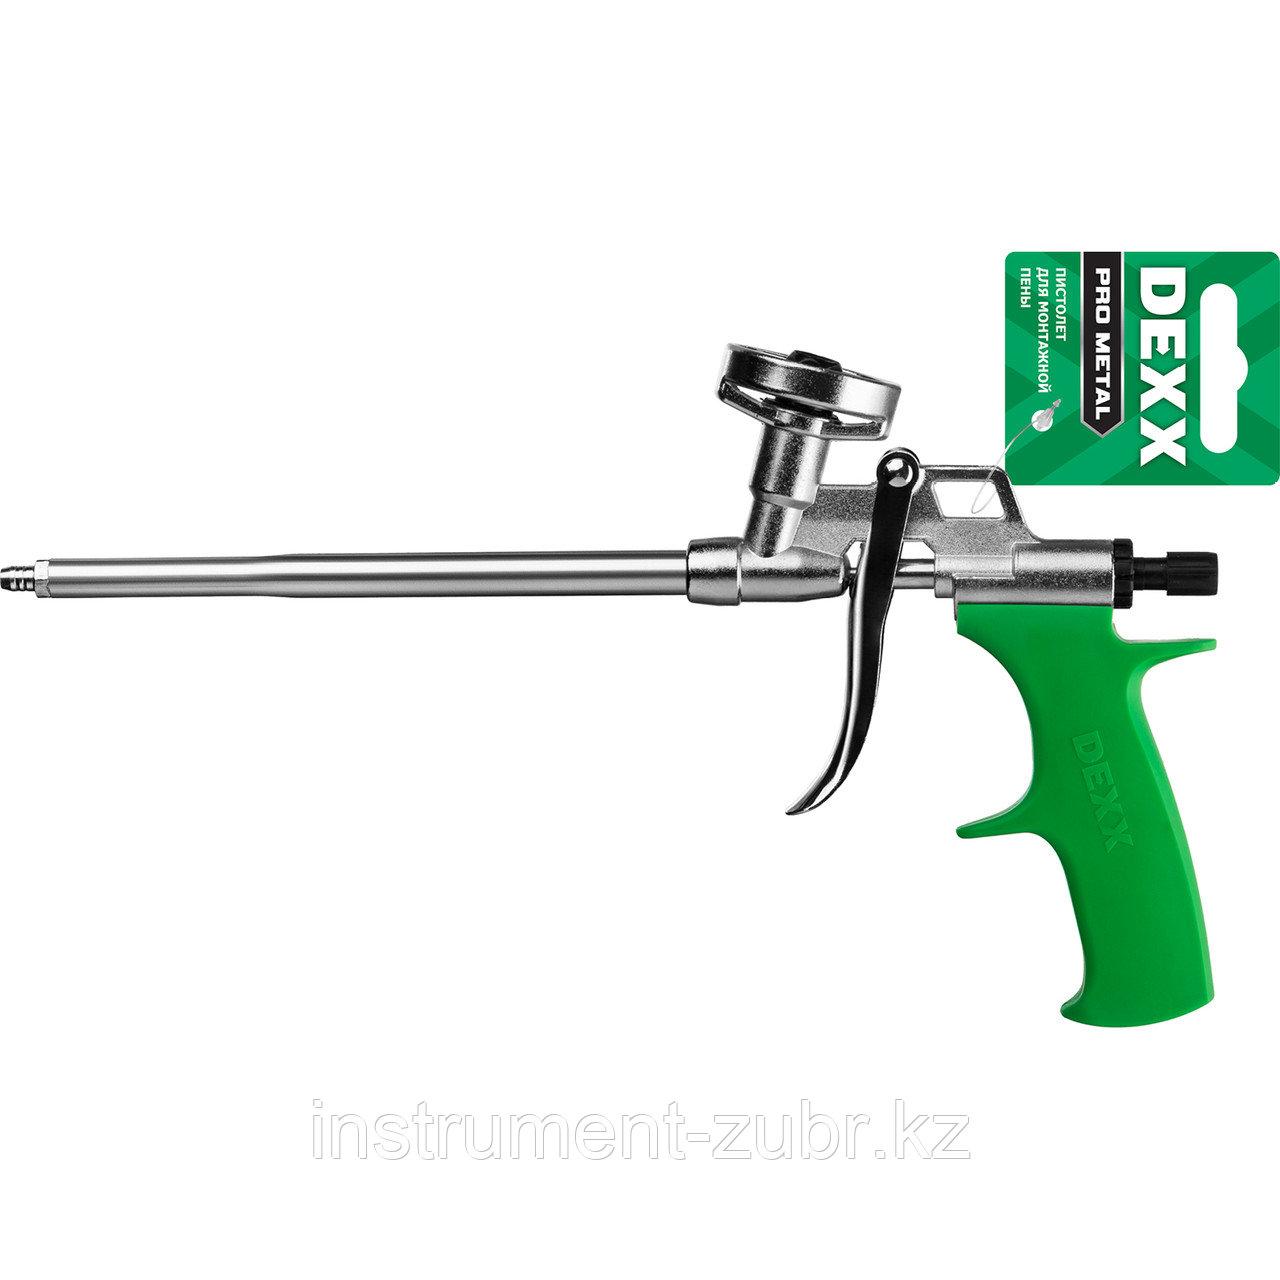 """Пистолет для монтажной пены """"PRO METAL"""", металлический корпус, регулировка подачи пены, DEXX"""